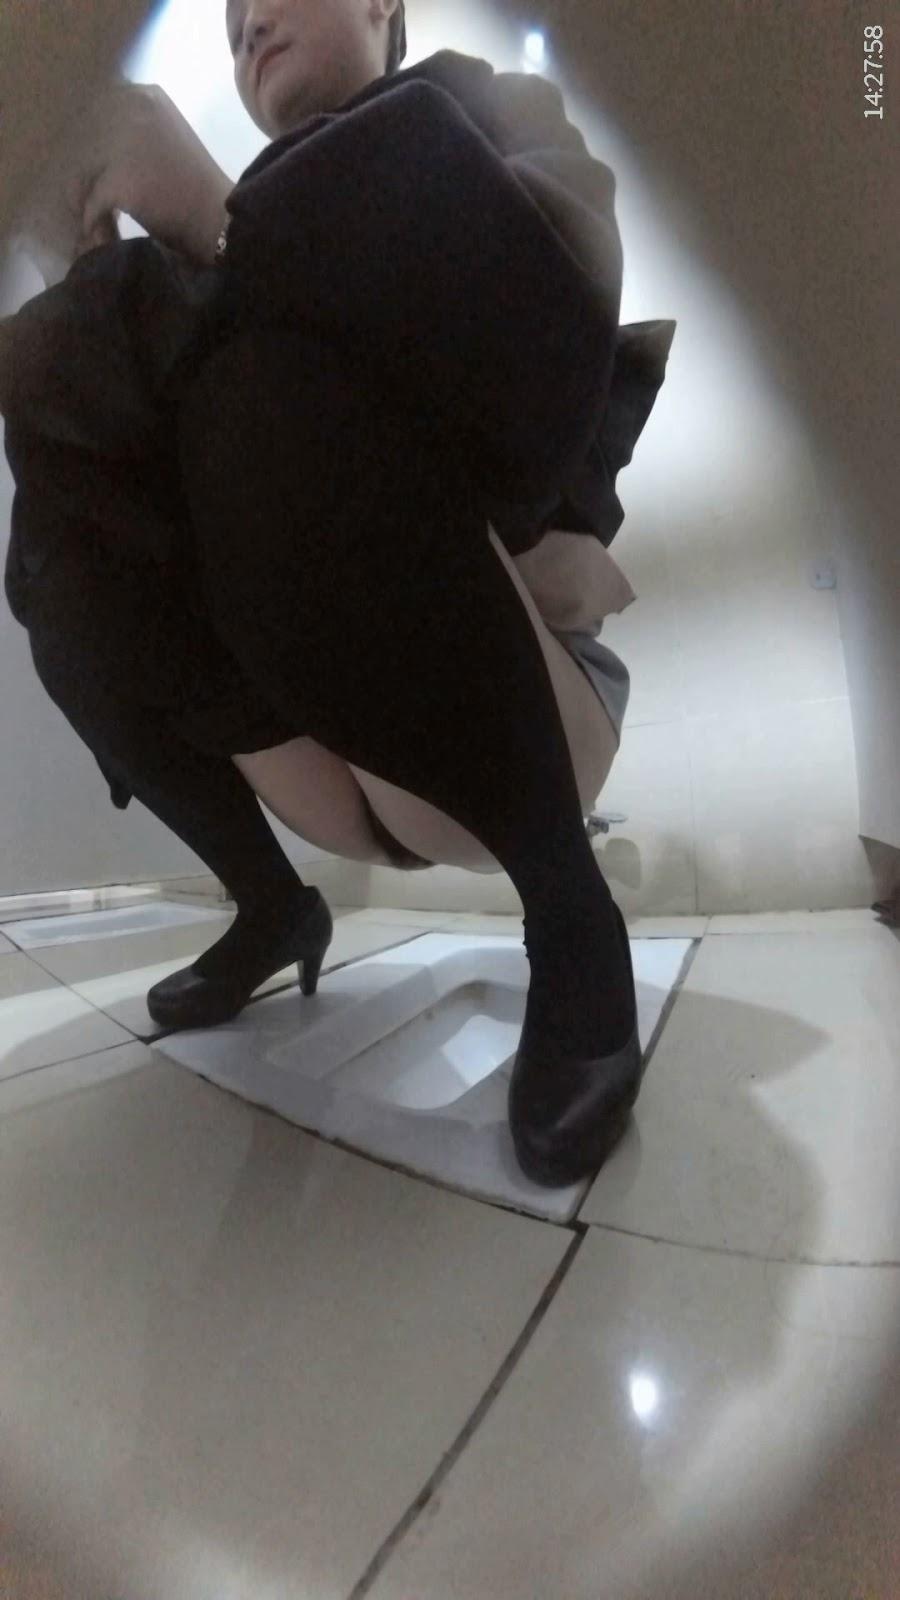 多視角盜錄美腿準空姐放尿陰戶清晰可視,AMATEUR ,HARDCORE ,HOME, CHINA